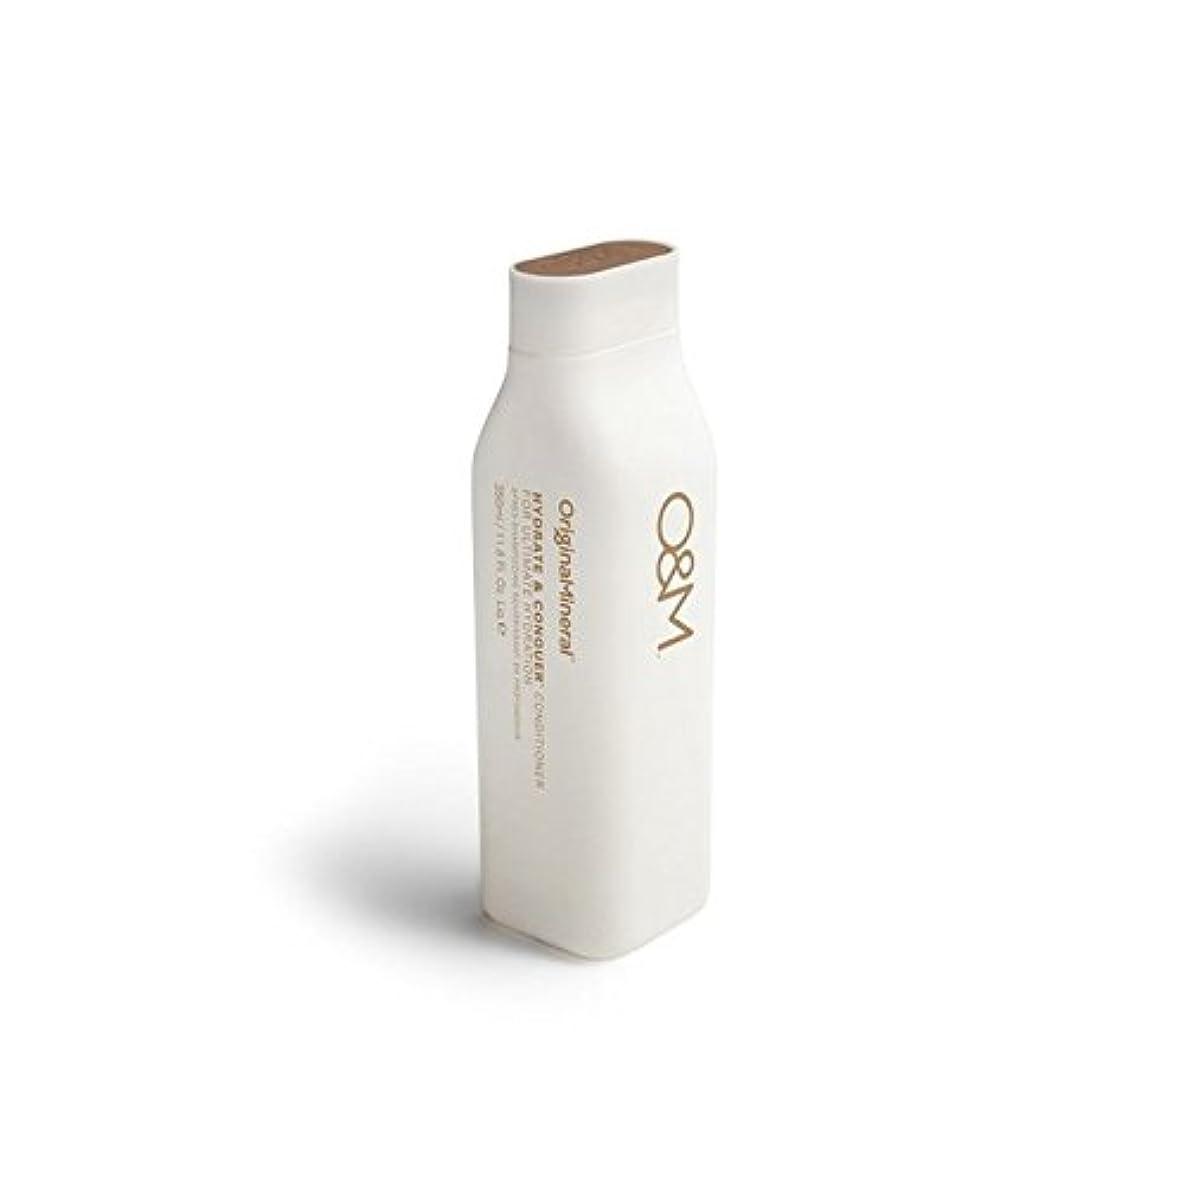 薬局シエスタダウンタウンOriginal & Mineral Hydrate And Conquer Conditioner (350ml) (Pack of 6) - オリジナル&ミネラル水和物及びコンディショナー(350ミリリットル)を征服 x6 [並行輸入品]